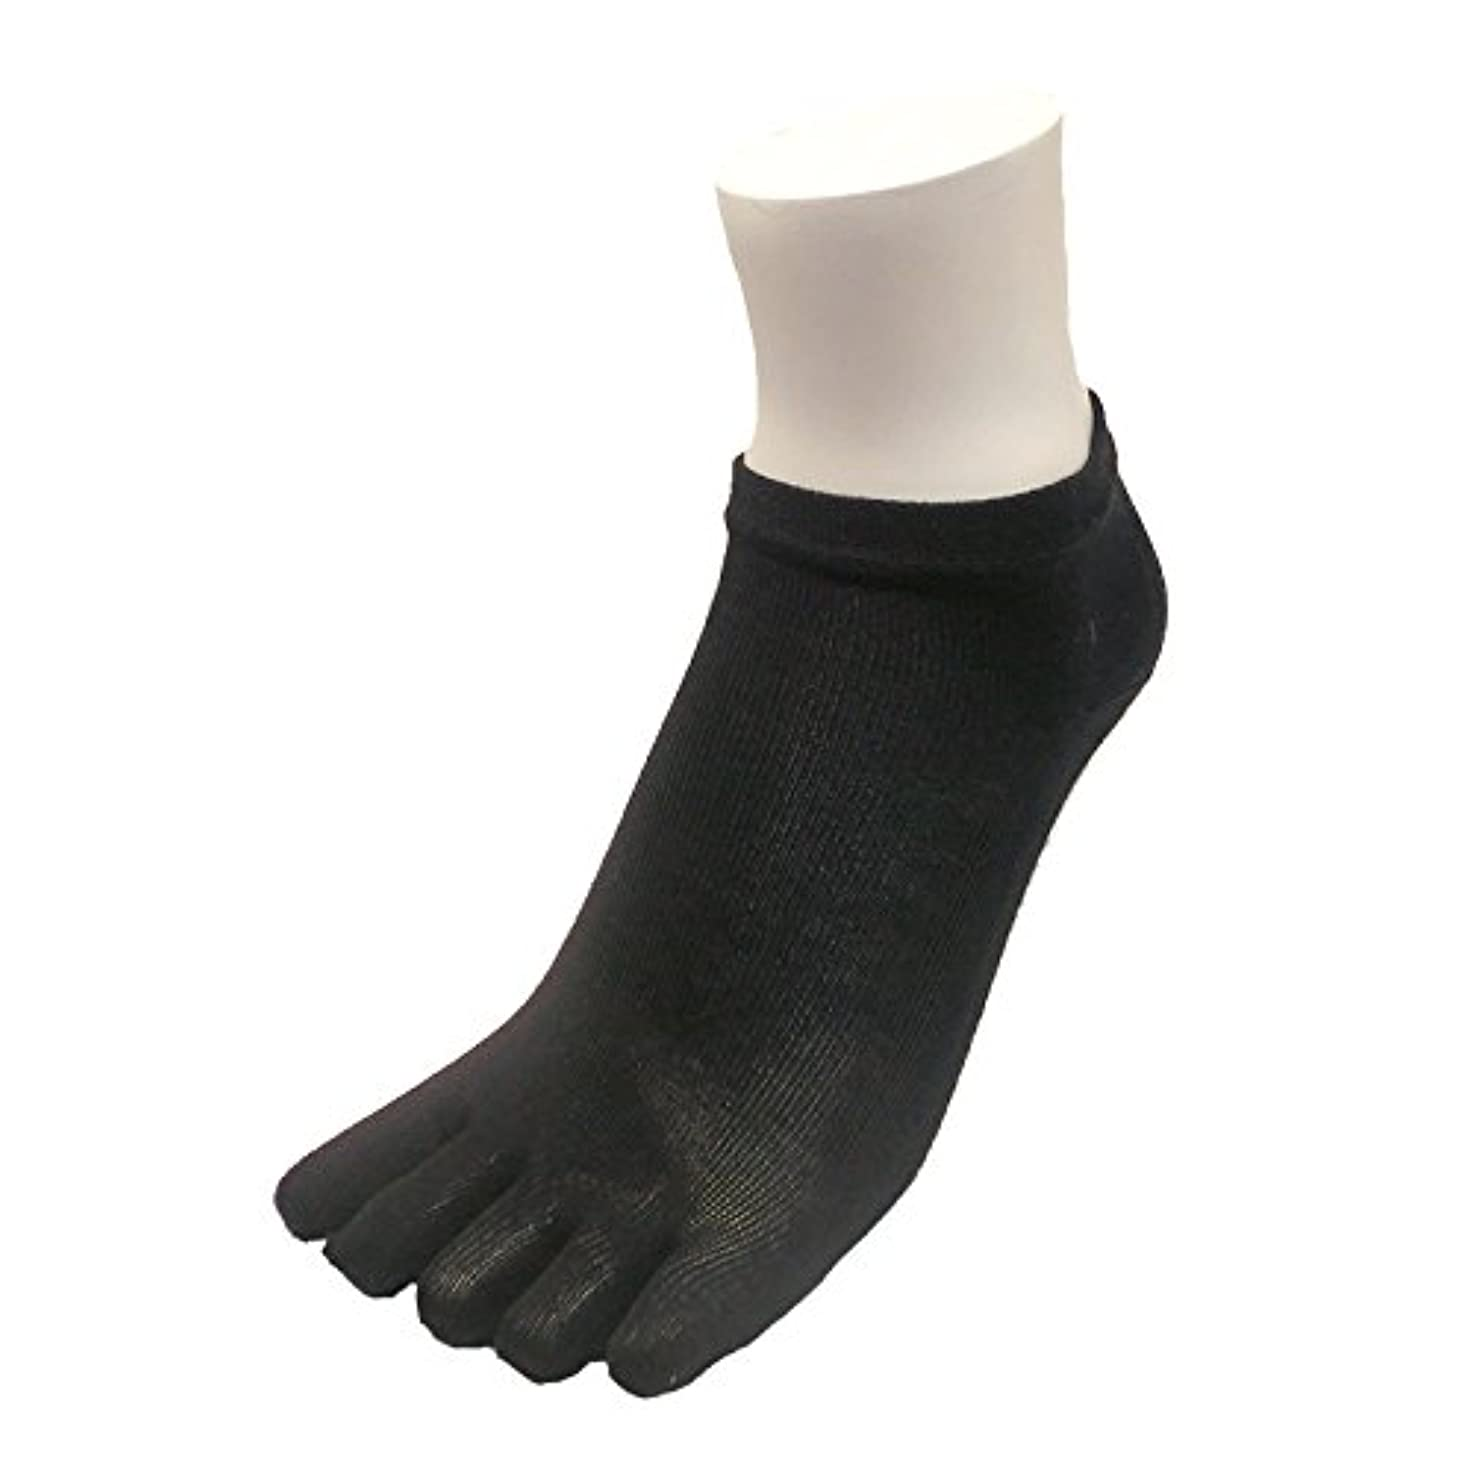 ジョージスティーブンソン威信野なシルク 五本指 ソックス 23-25cm 日本製 (ブラック3足セット)絹 靴下